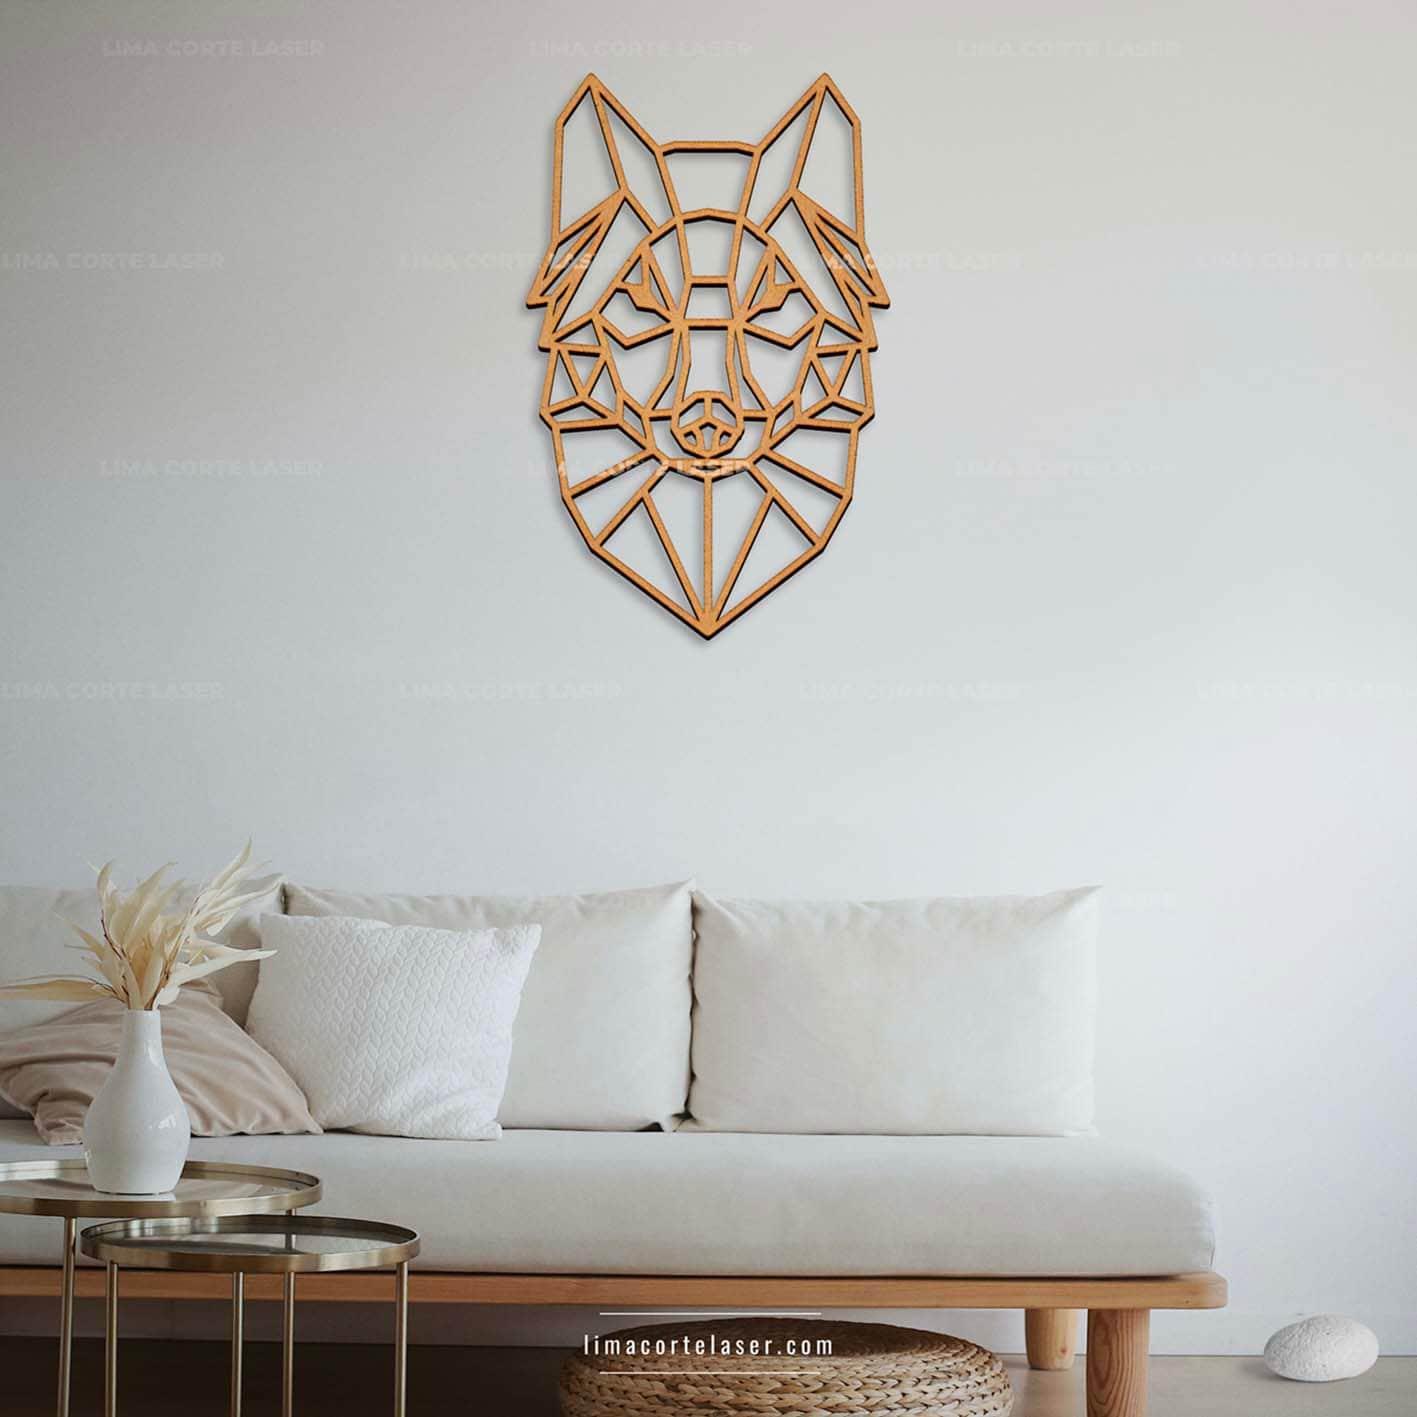 Corte láser MDF con la figura de lobo geométrico ideal para un adorno para pared